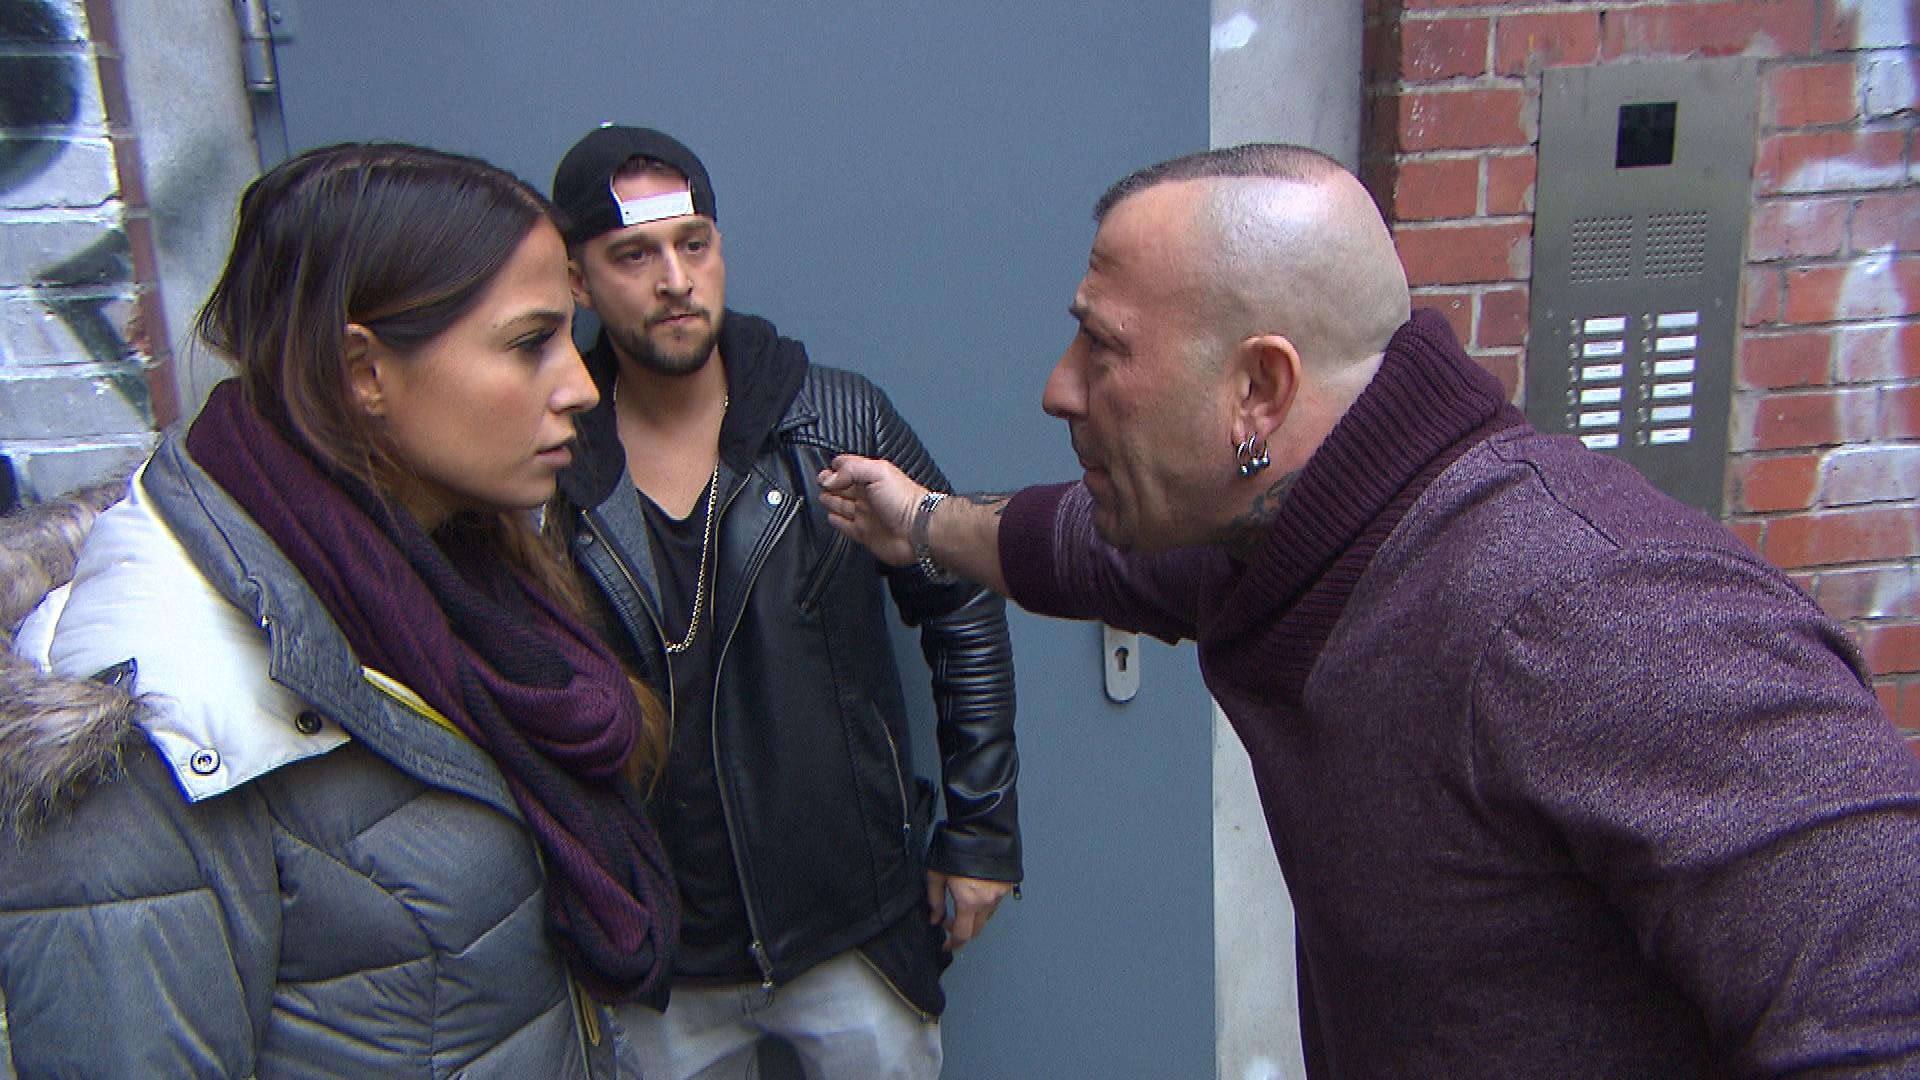 Als Fabrizio herausfindet, dass Toto in die WG-Kasse gegriffen und Alessia ihn gedeckt hat, stellt er Alessia vor die Wahl: Entweder sie wirft Toto raus und bricht den Kontakt zu ihm ab oder ihre Beziehung hat keine Zukunft (Quelle: RTL 2)